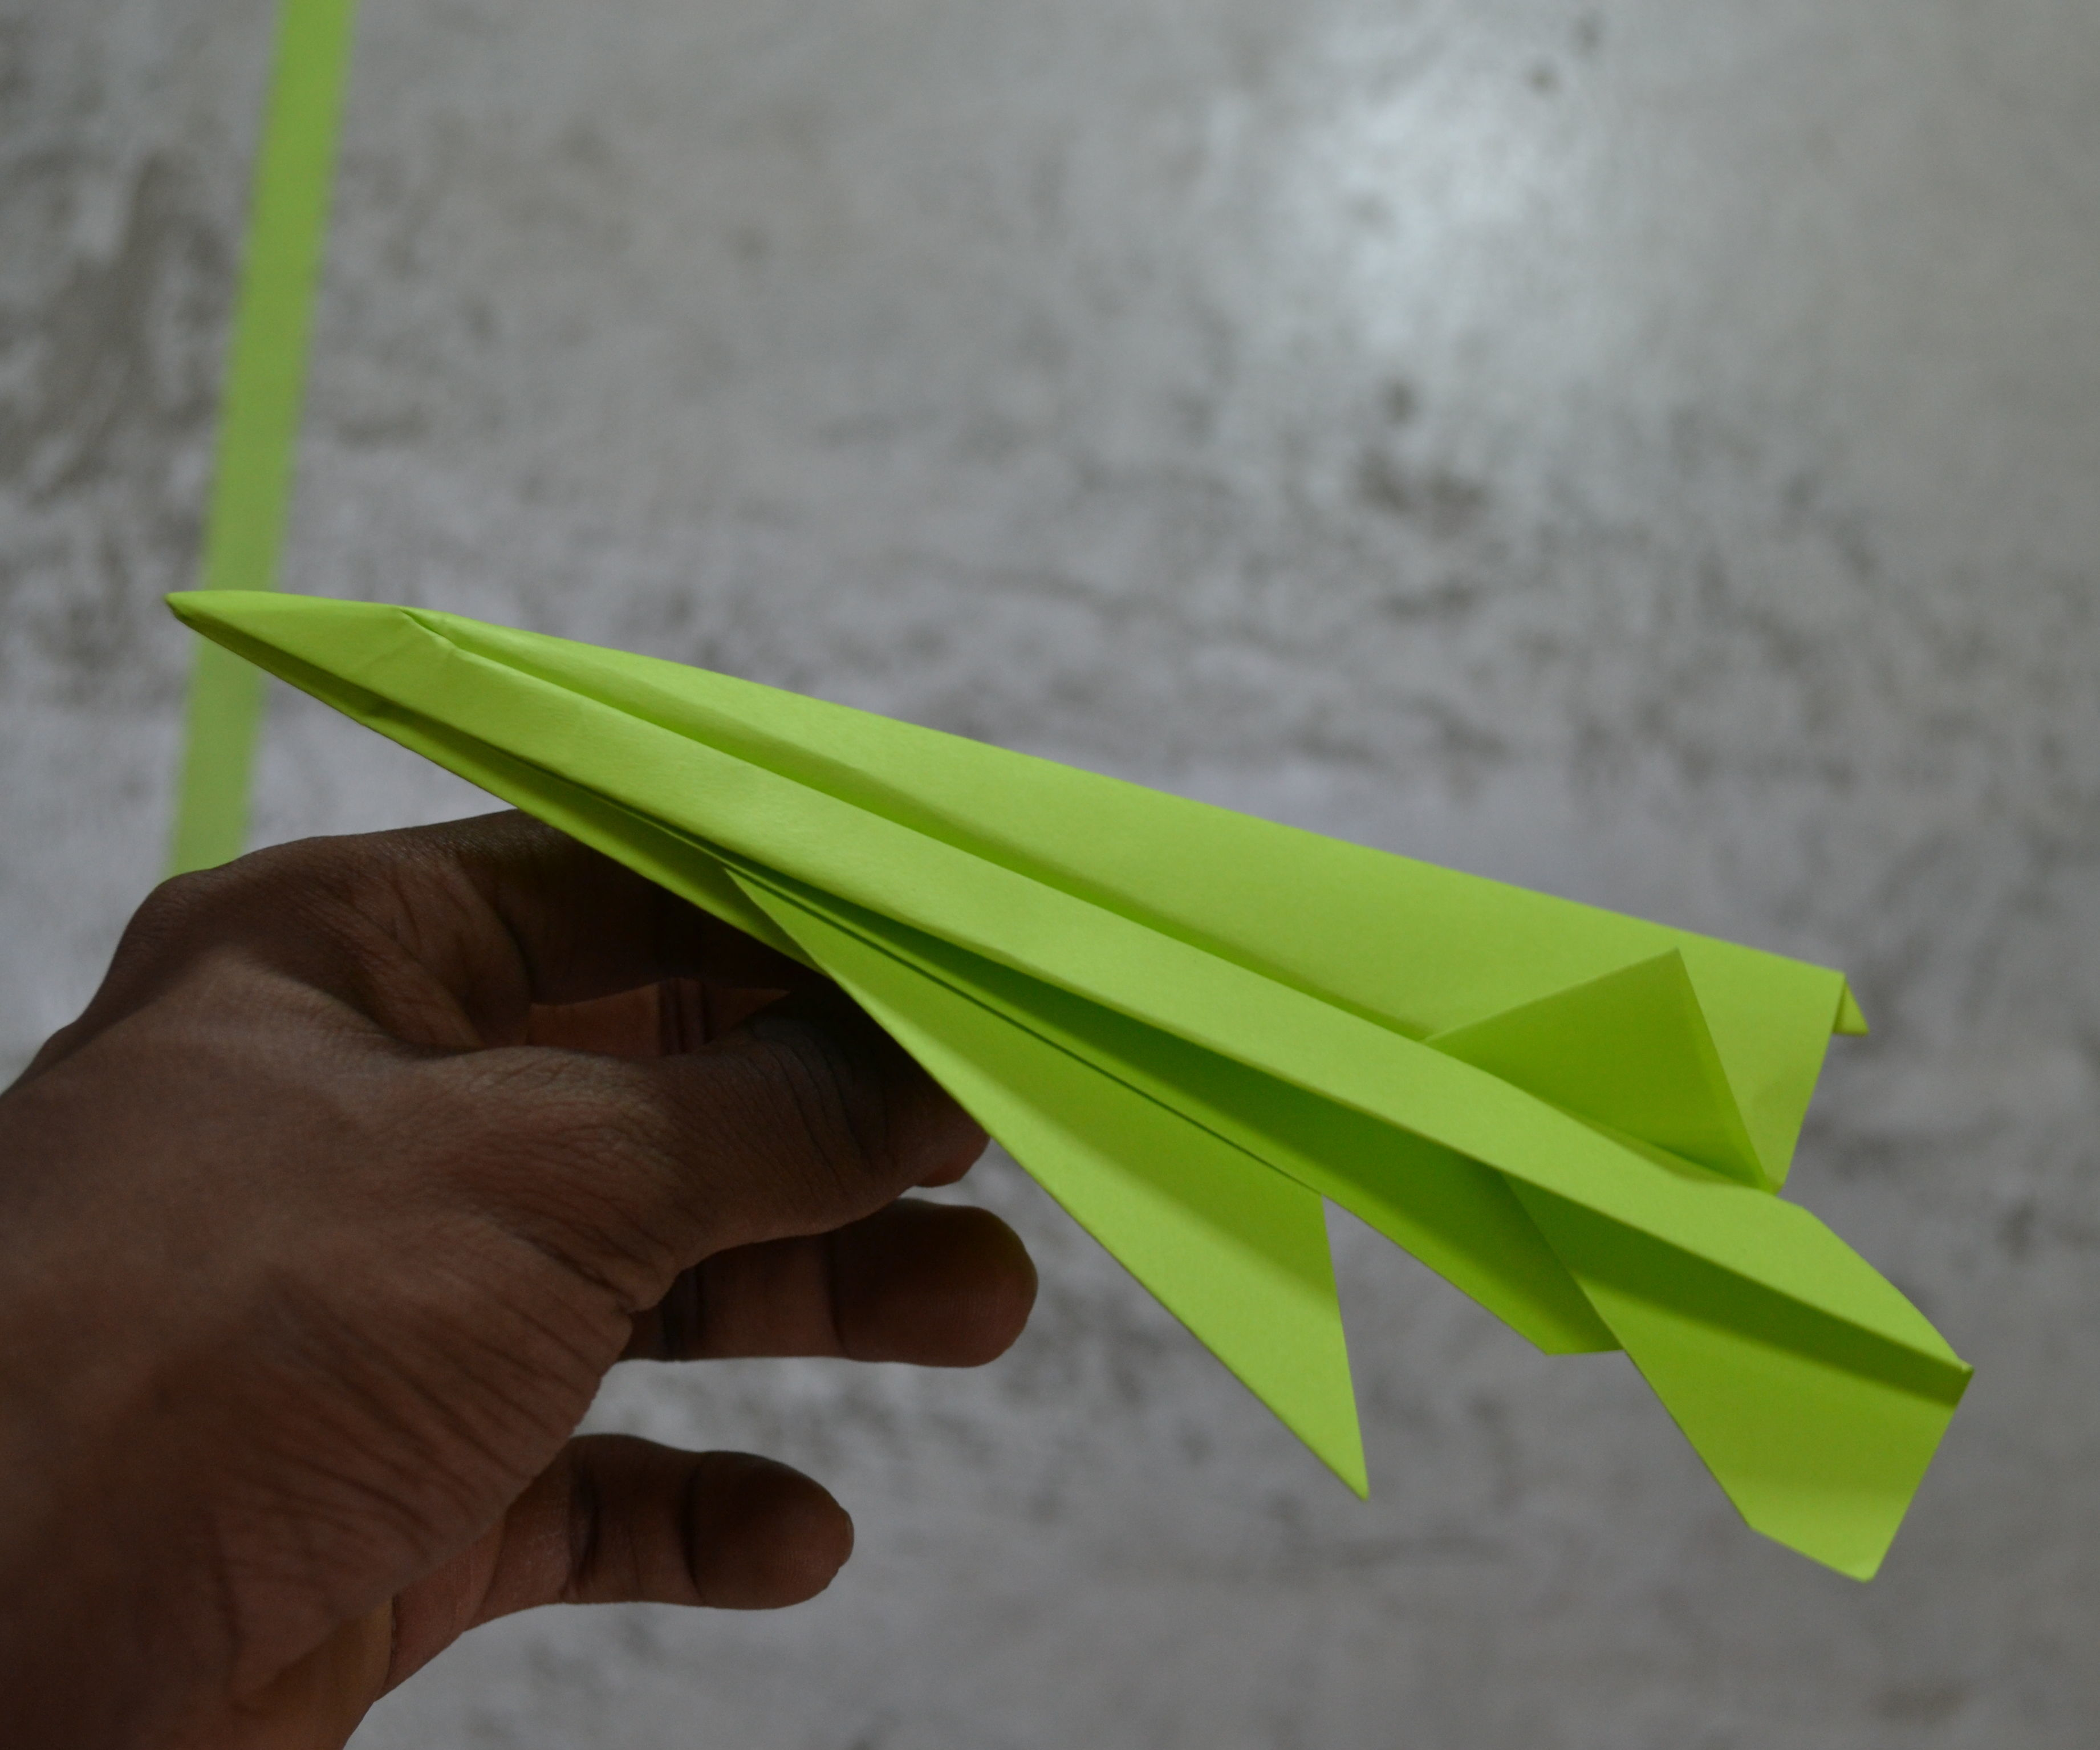 Como hacer un avión F-16 de origami